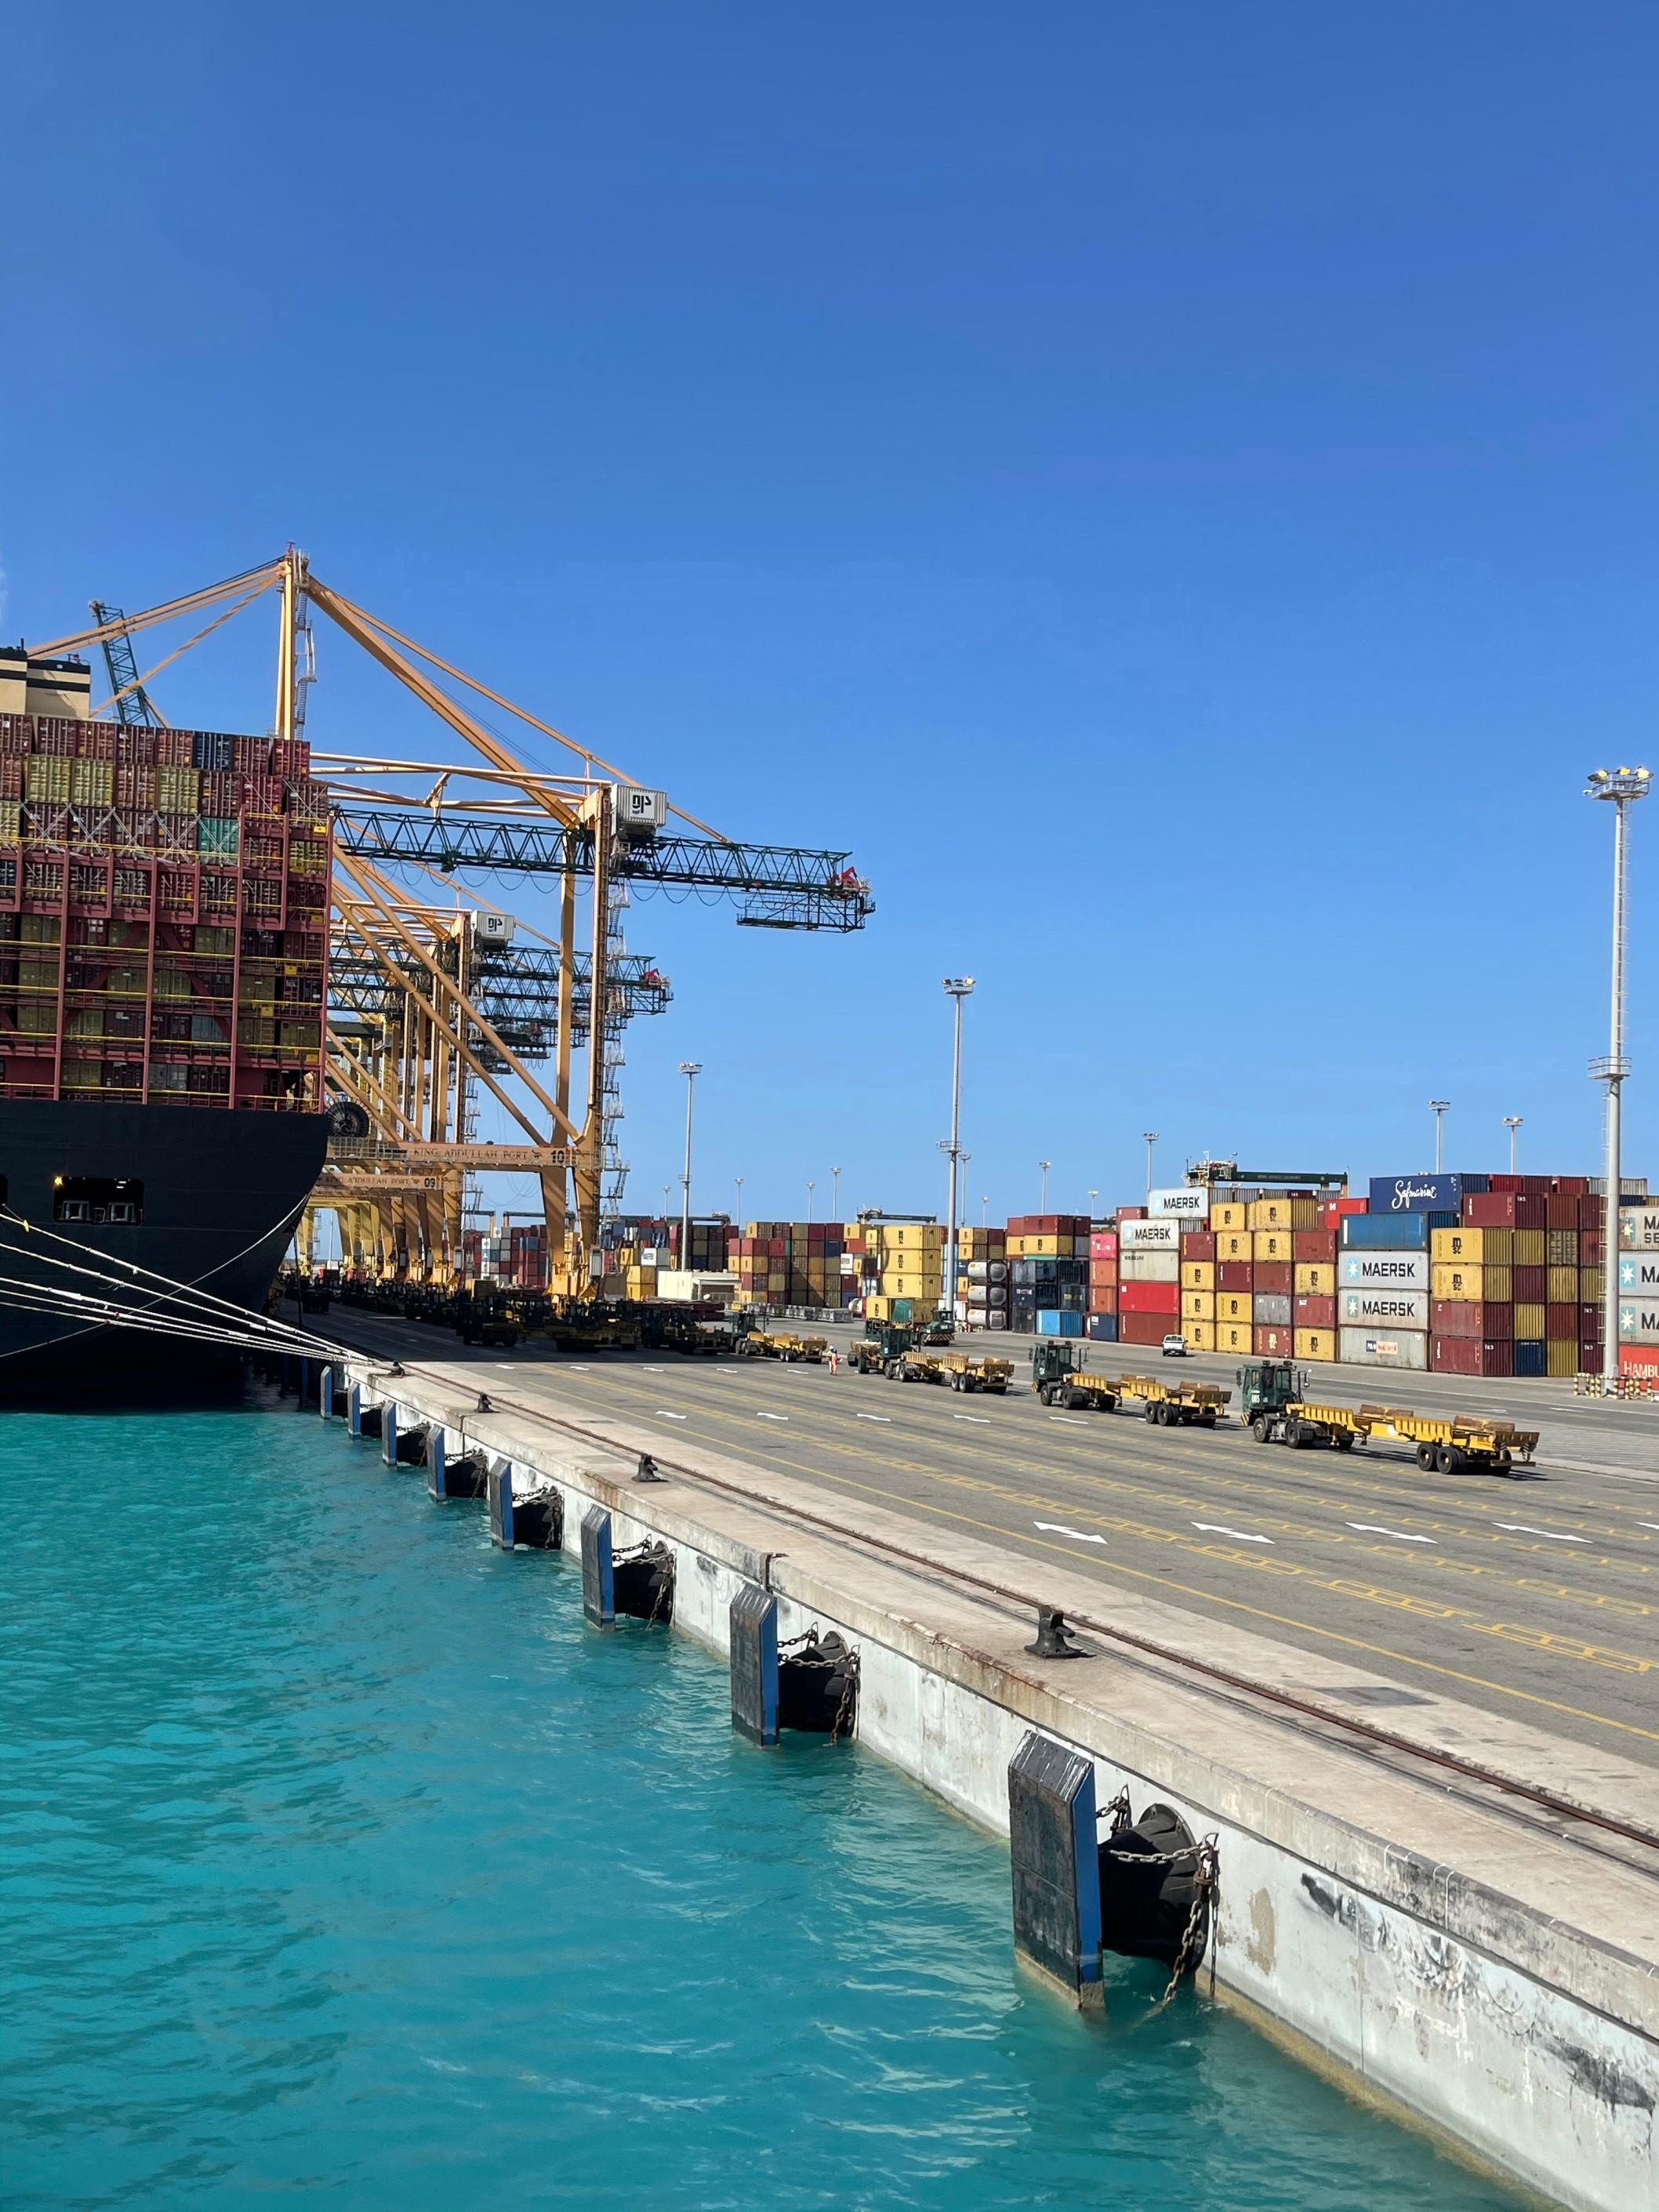 البنك الدولي: ميناء الملك عبدالله ثاني أكثر موانئ الحاويات كفاءة في العالم